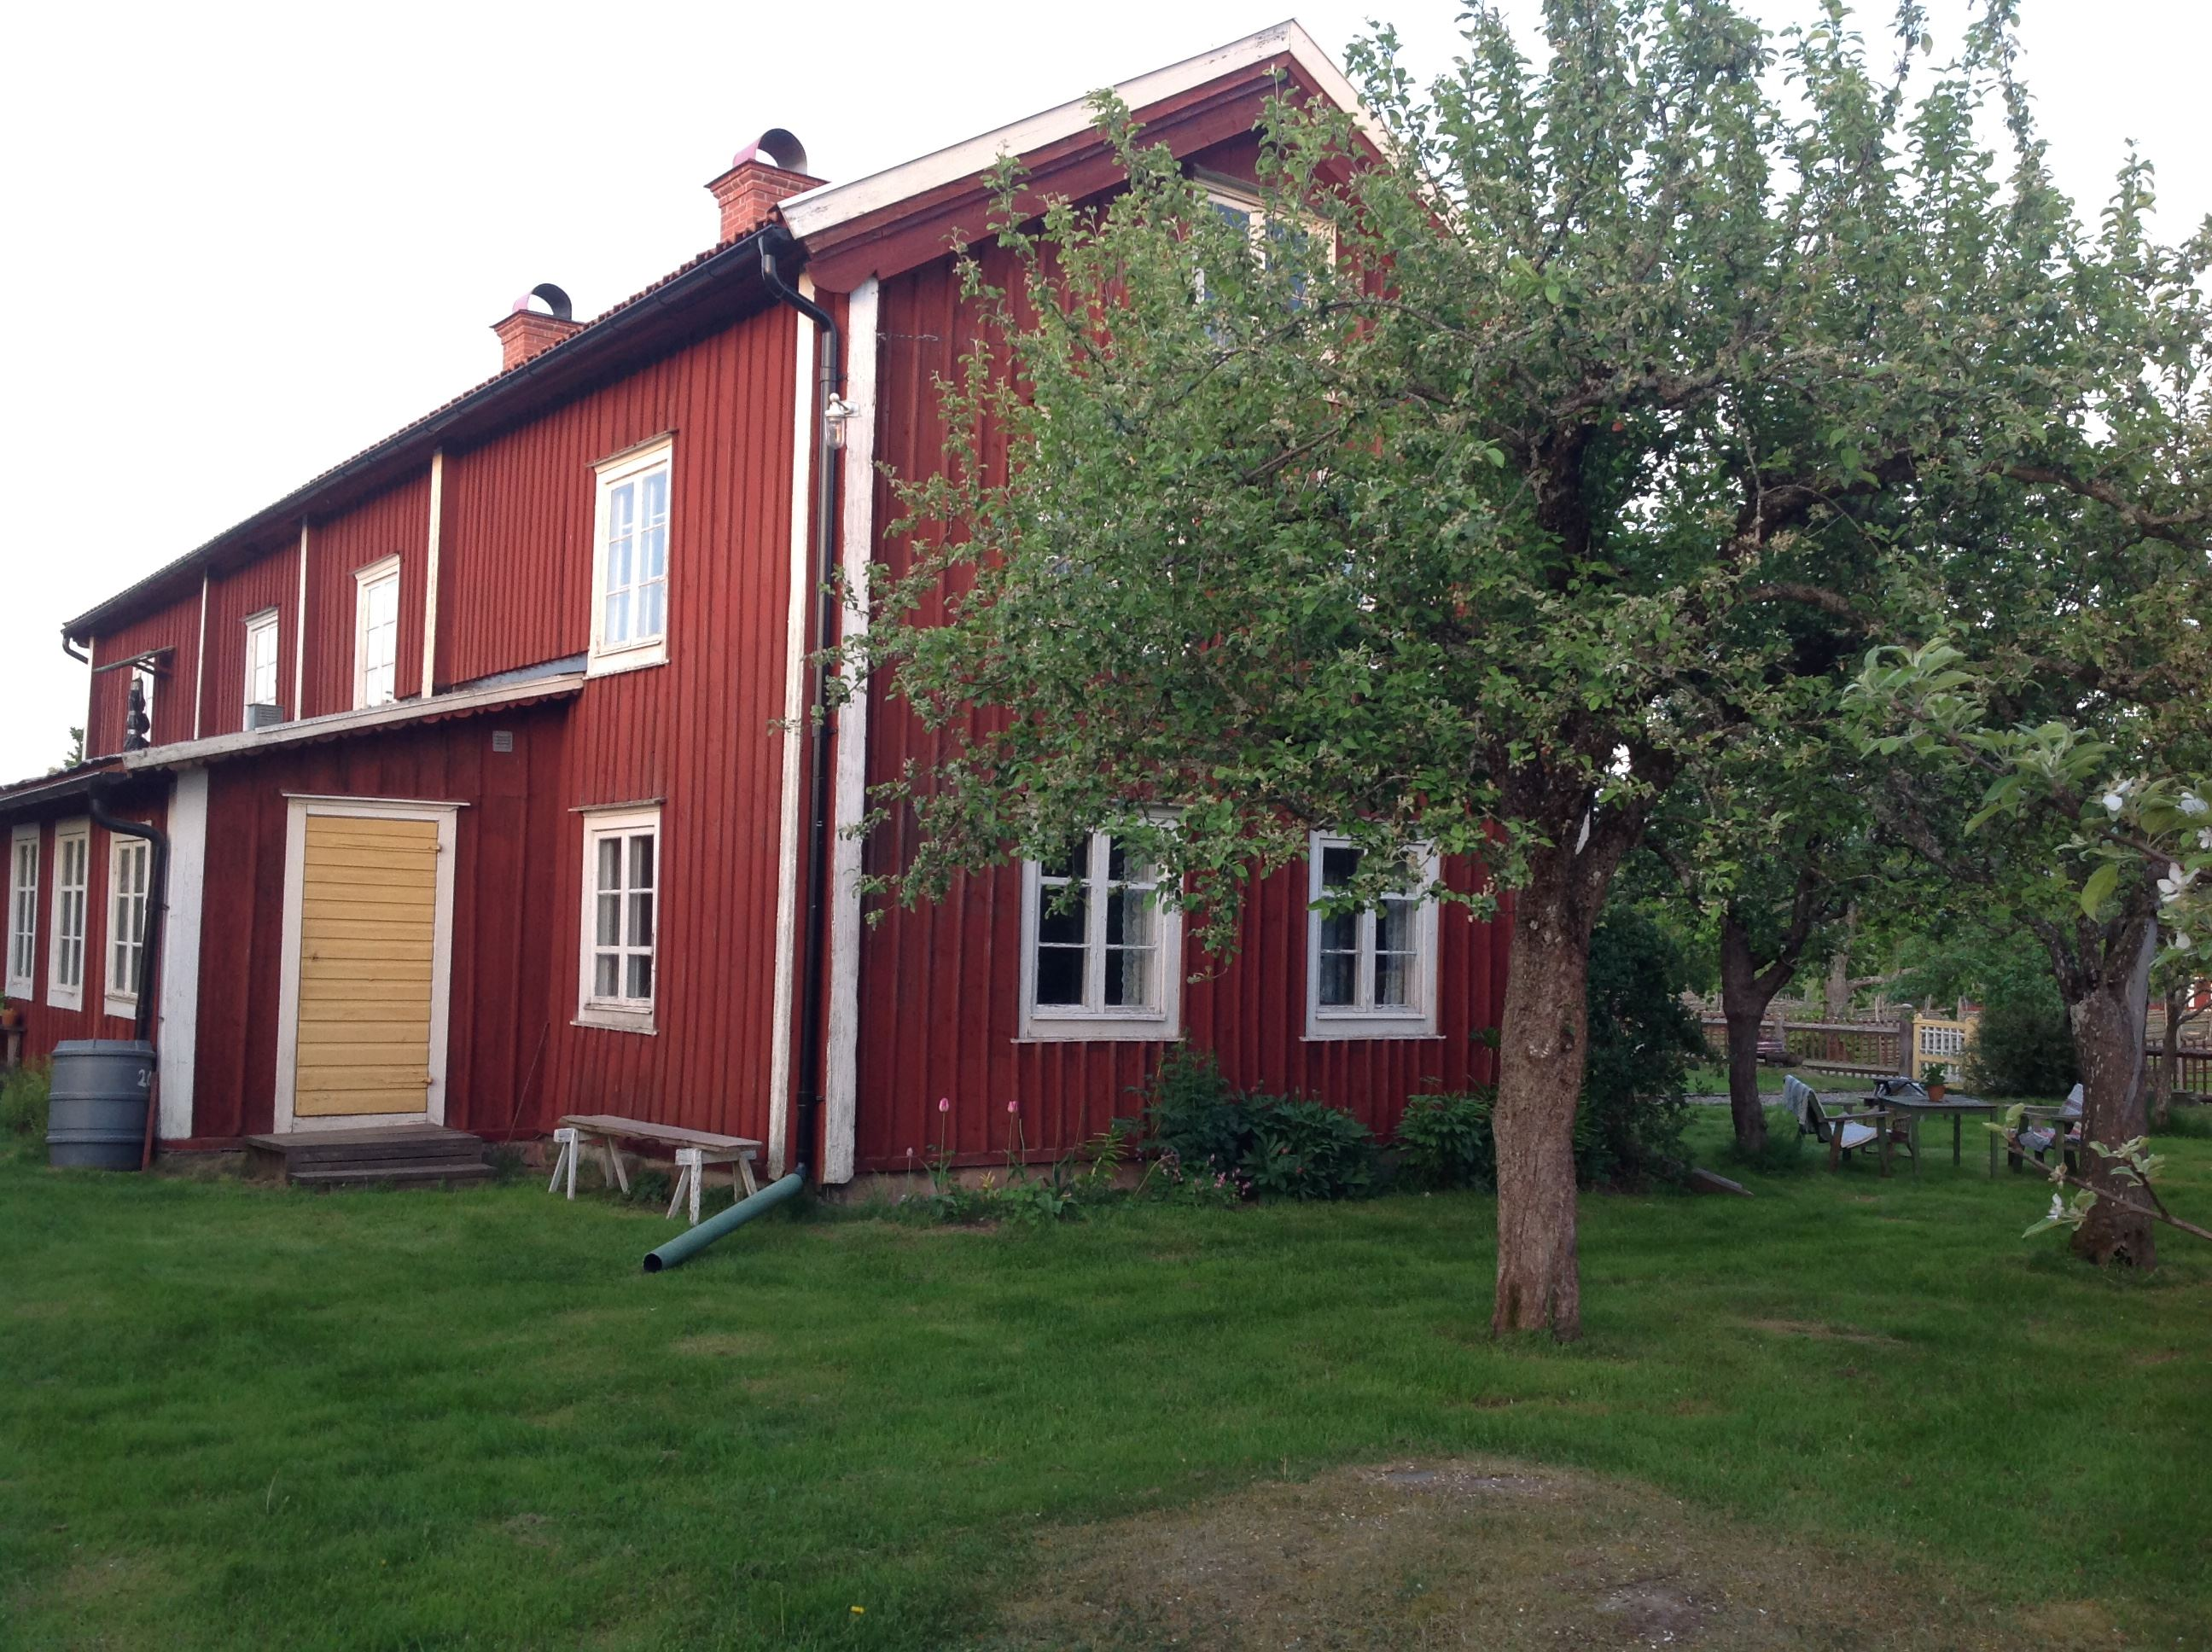 Tvillingstugan i Bråbygden